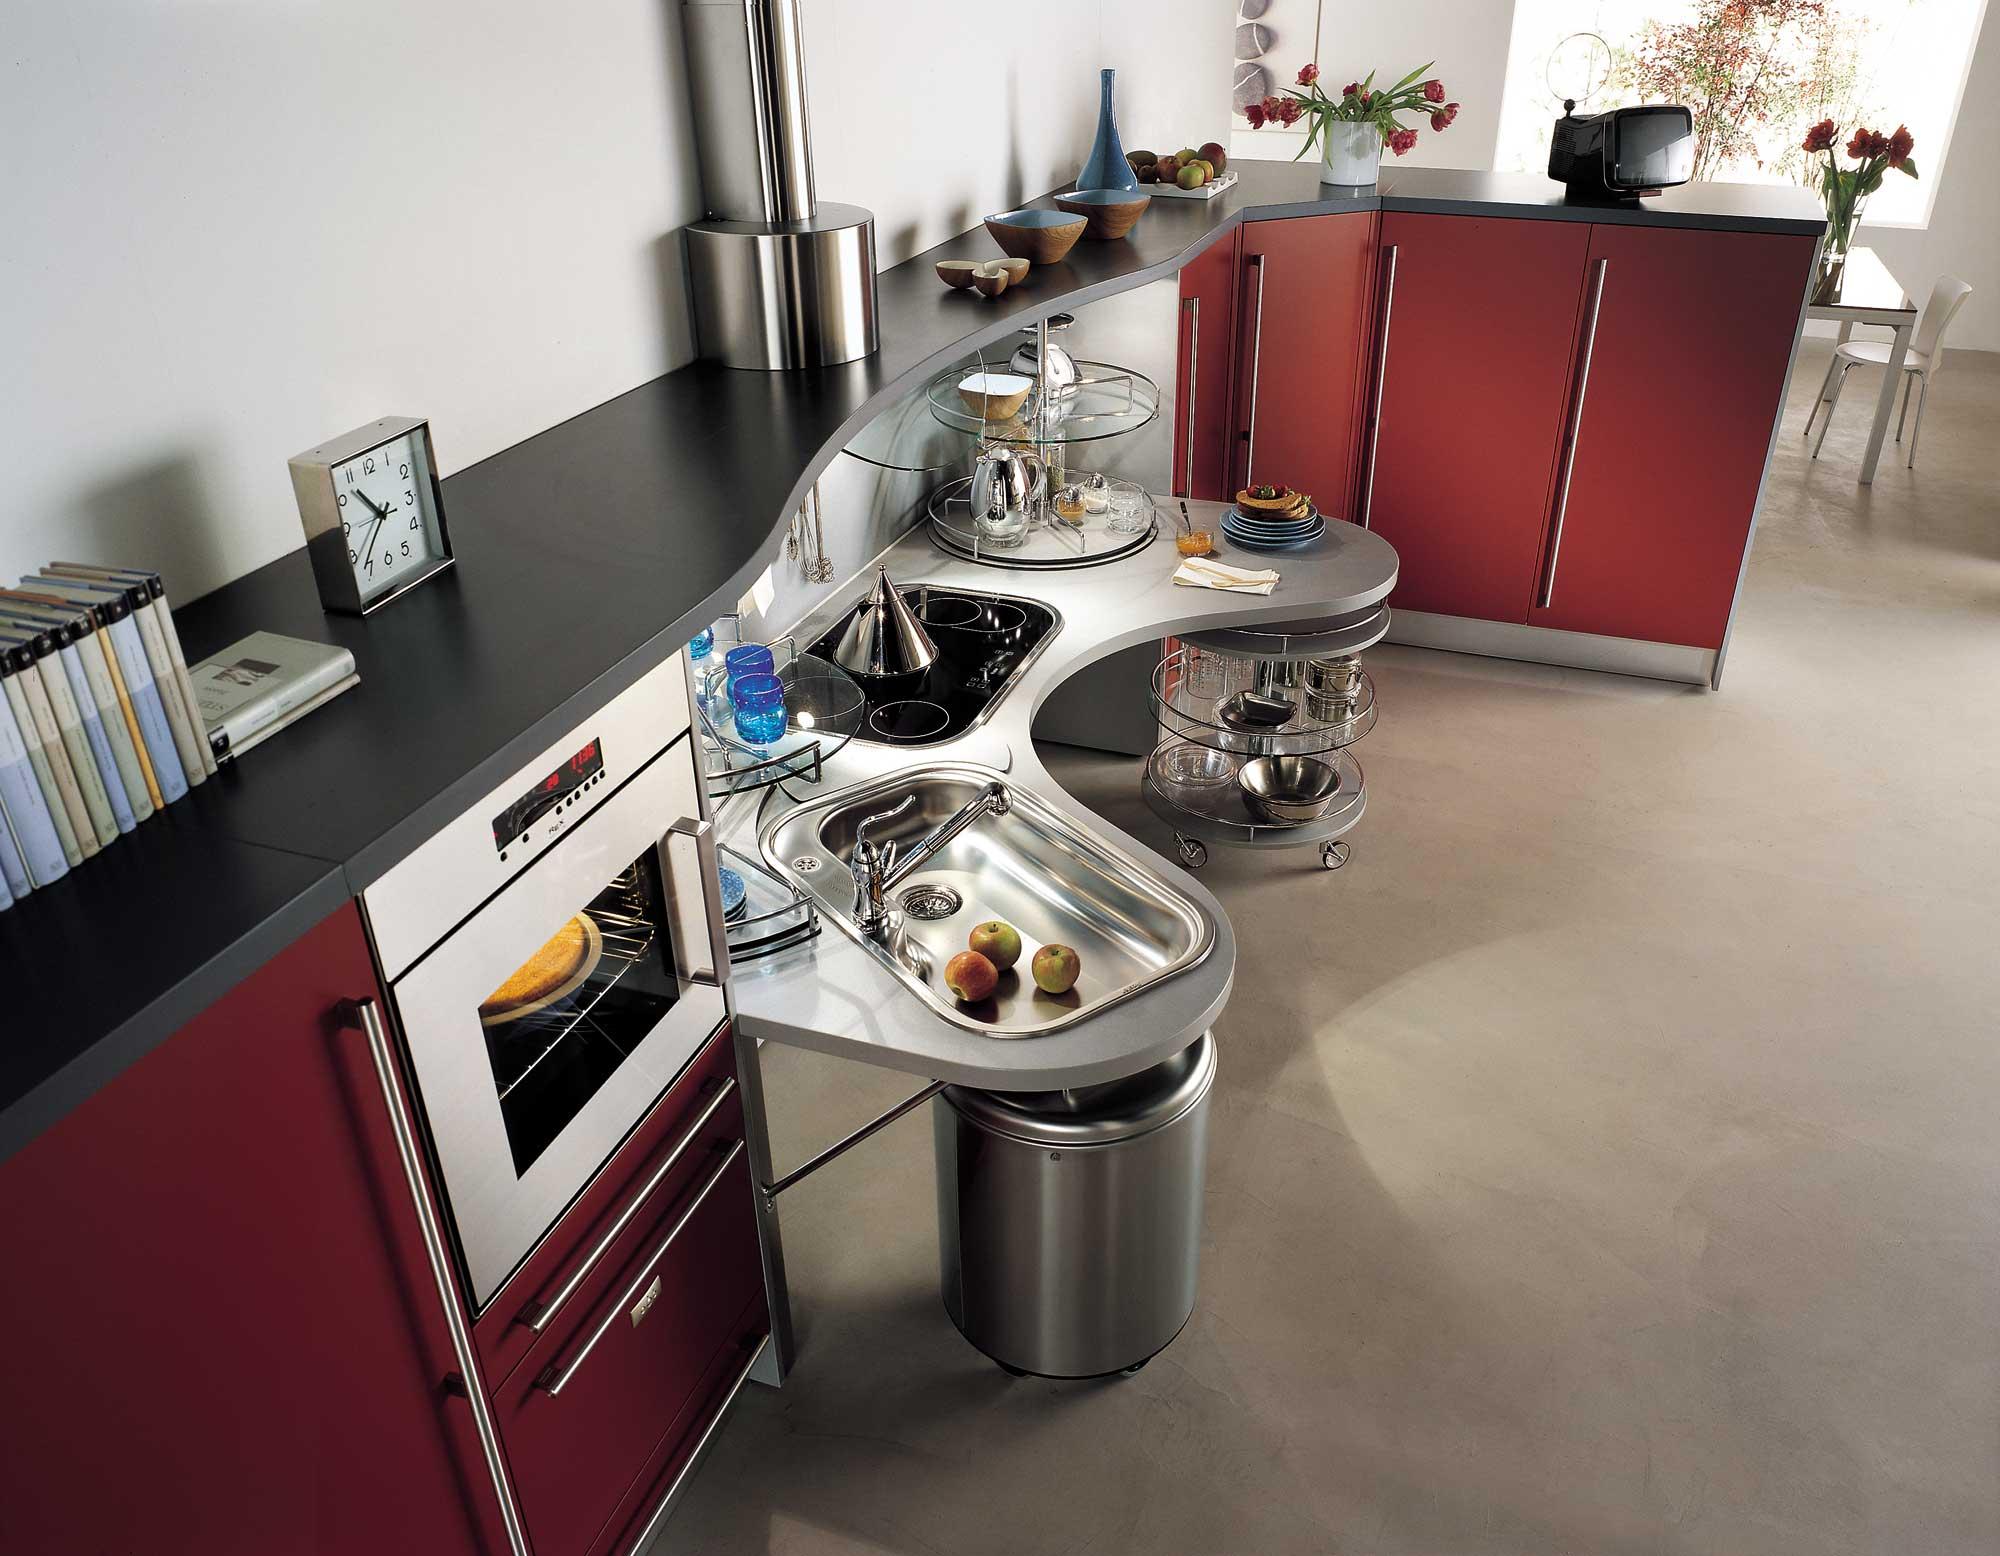 Необычный дизайн кухни обусловлен ее эргономическими особенностями.